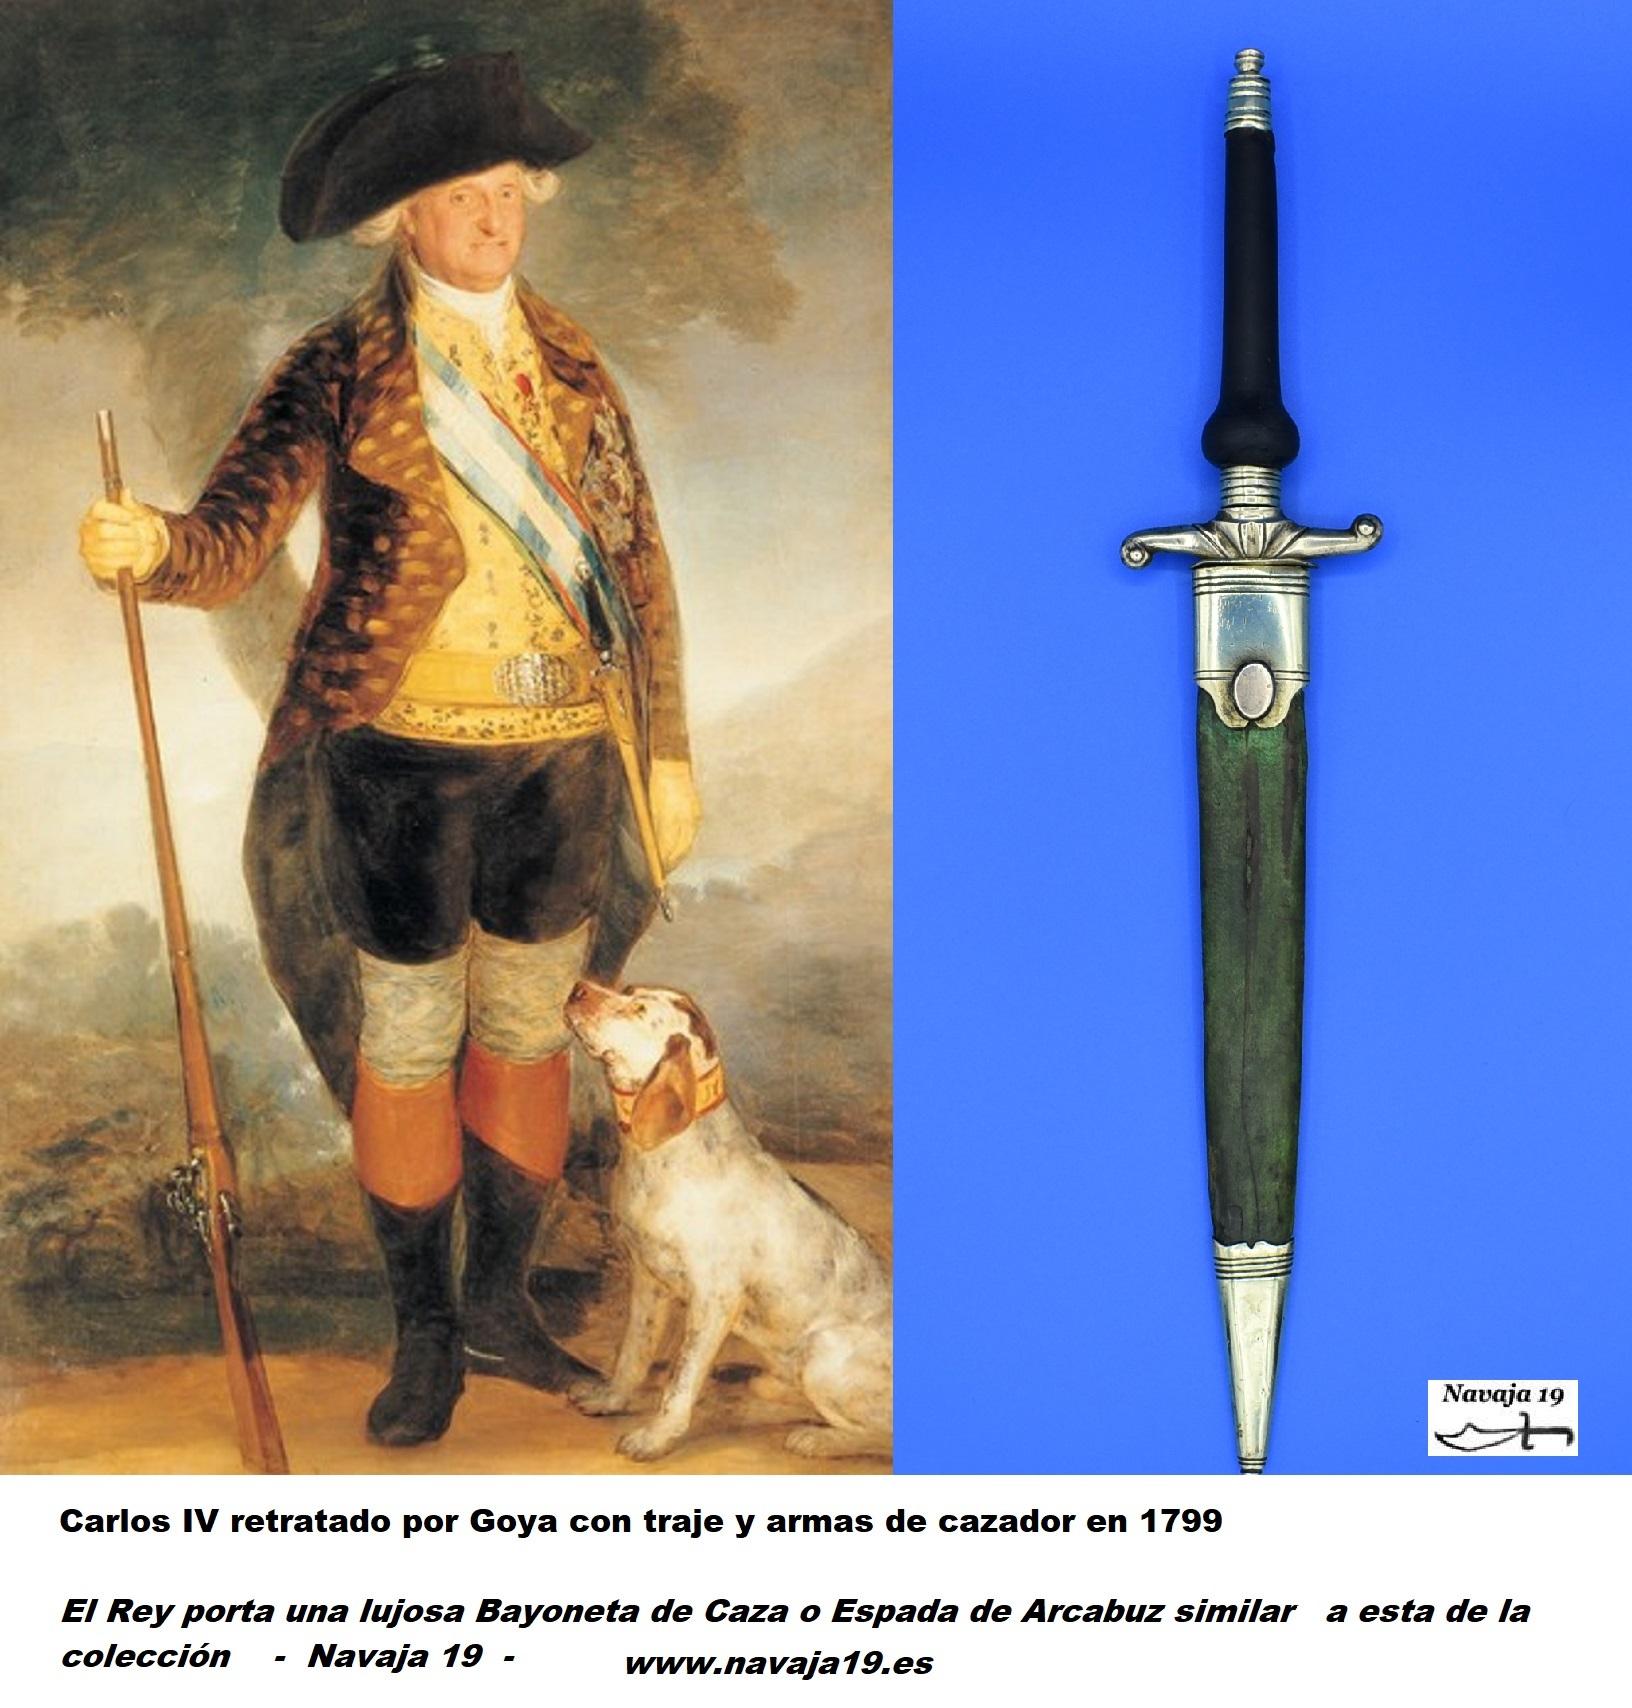 Espada de Arcabuz carlos IV 1799